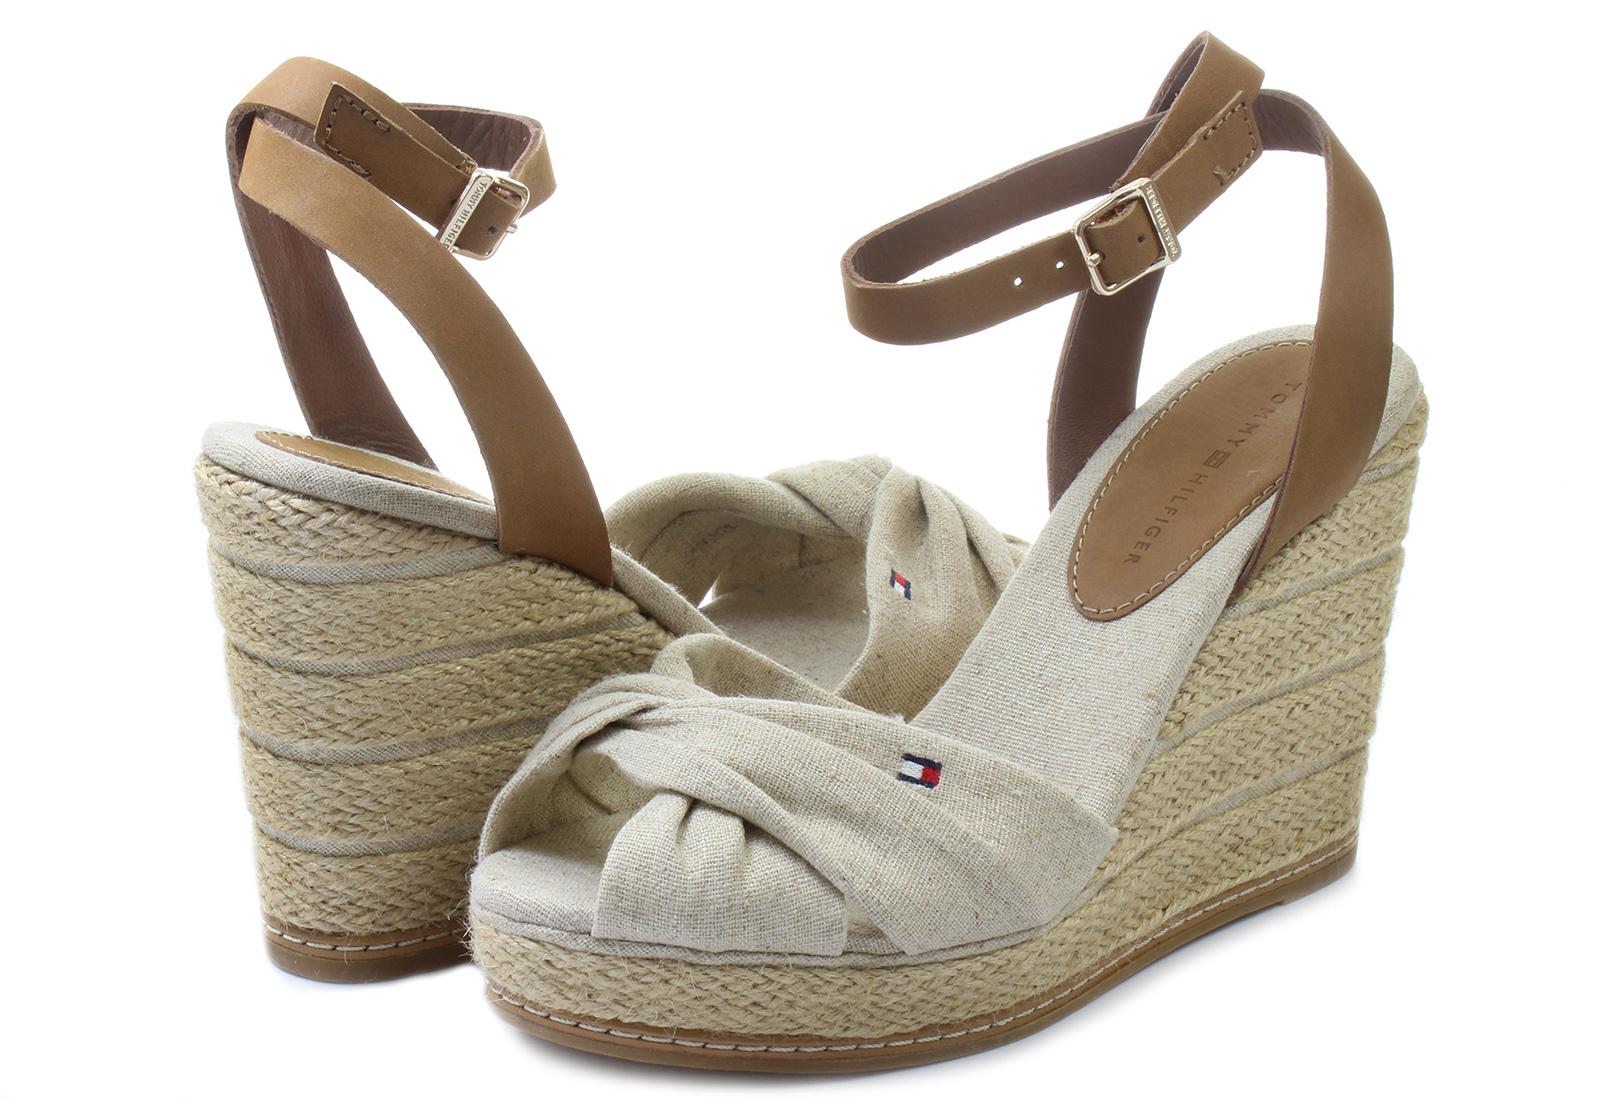 tommy hilfiger sandals emery 53c 14s 6769 765 online. Black Bedroom Furniture Sets. Home Design Ideas